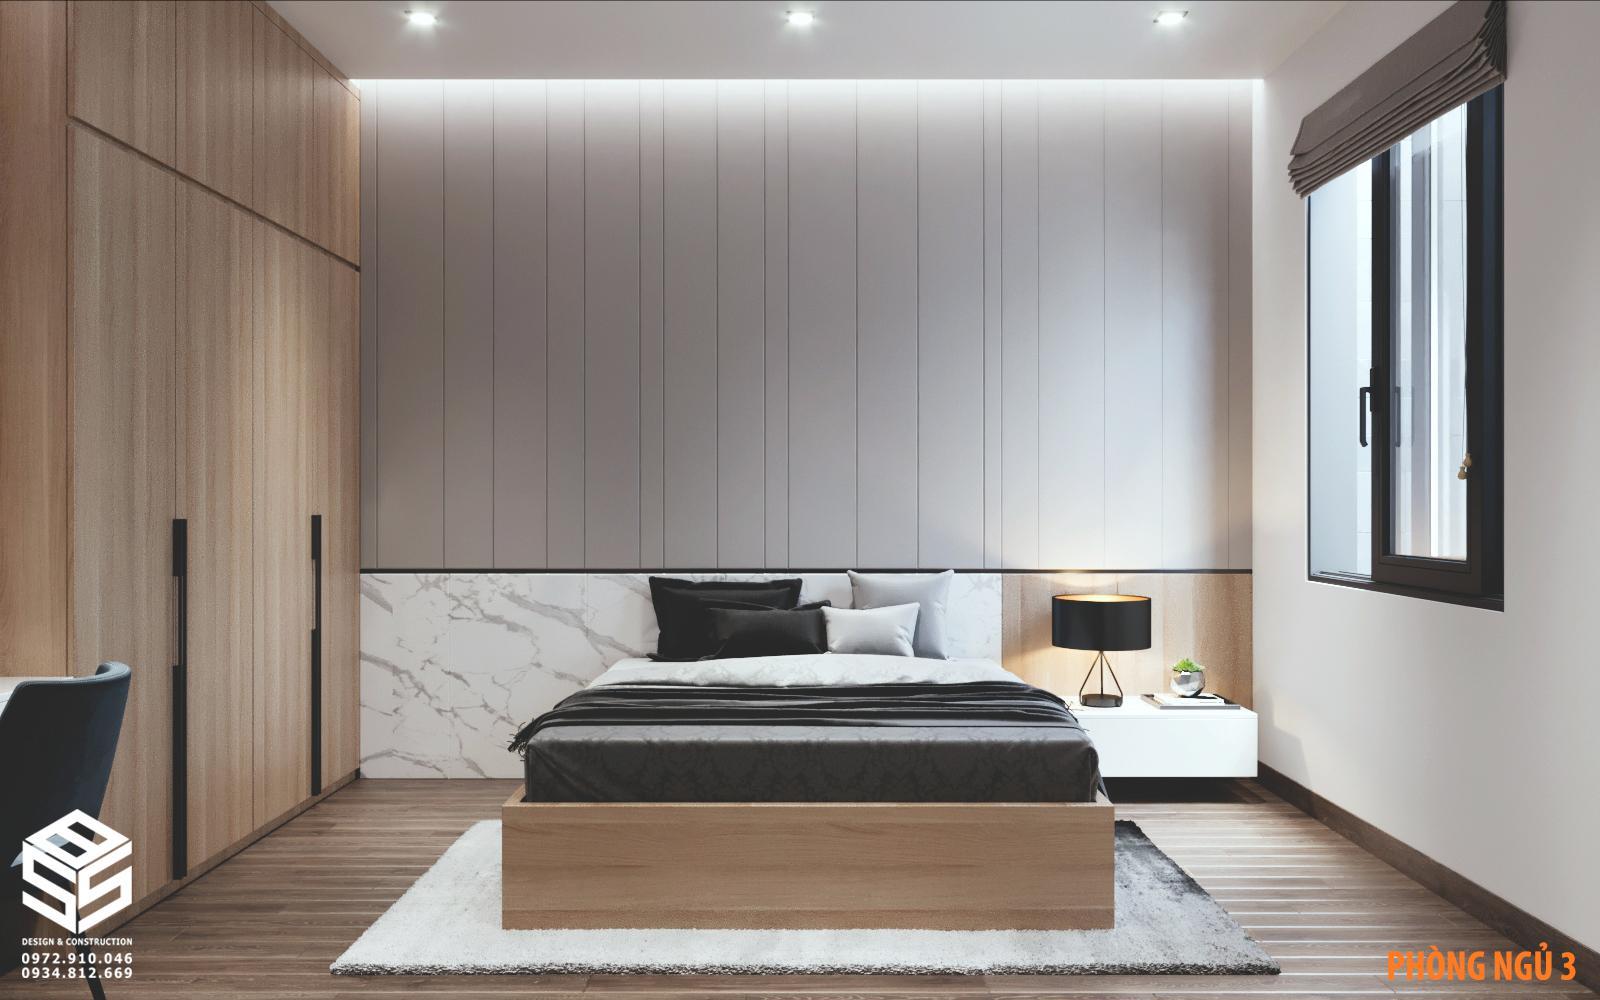 thiết kế thi công nội thất tại đà nẵng